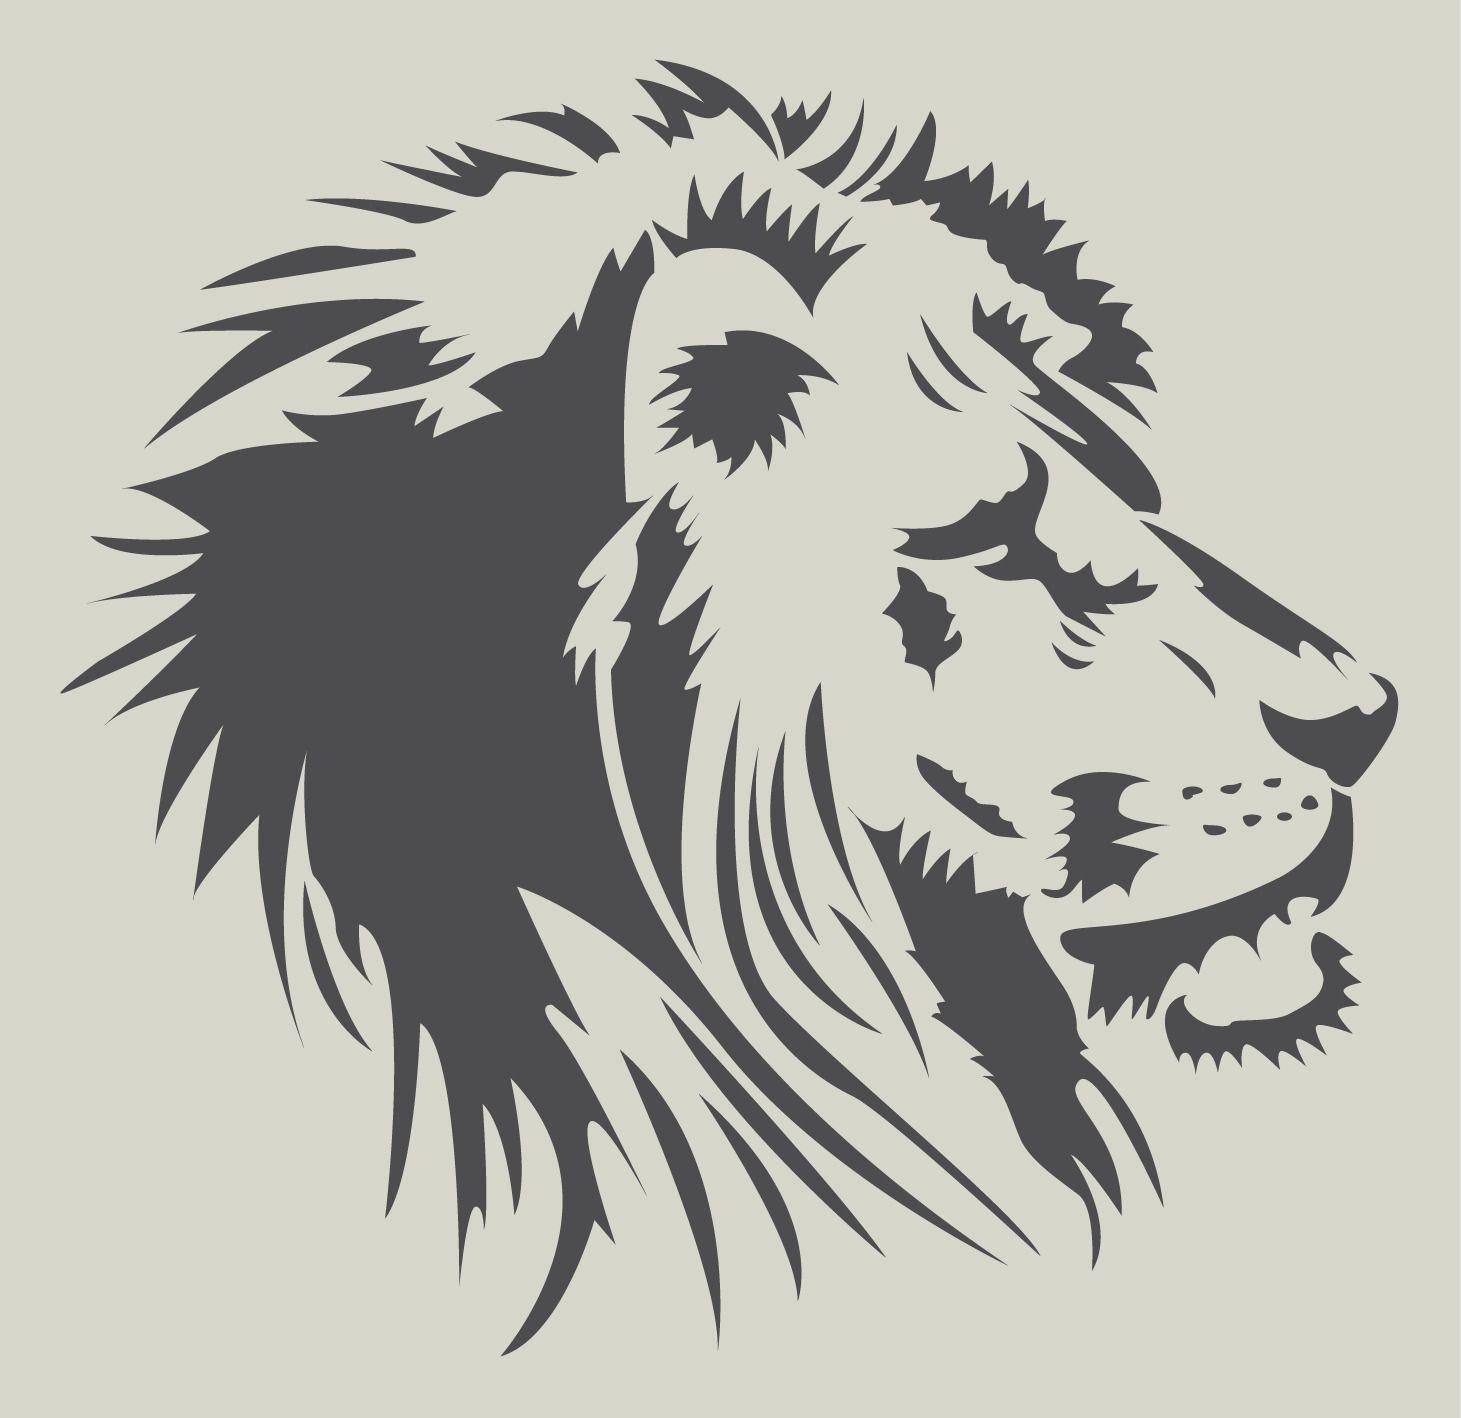 t te de lion pochoir lion pochoir en vinyle adh sif ref 279 2 tatouages pinterest tete. Black Bedroom Furniture Sets. Home Design Ideas